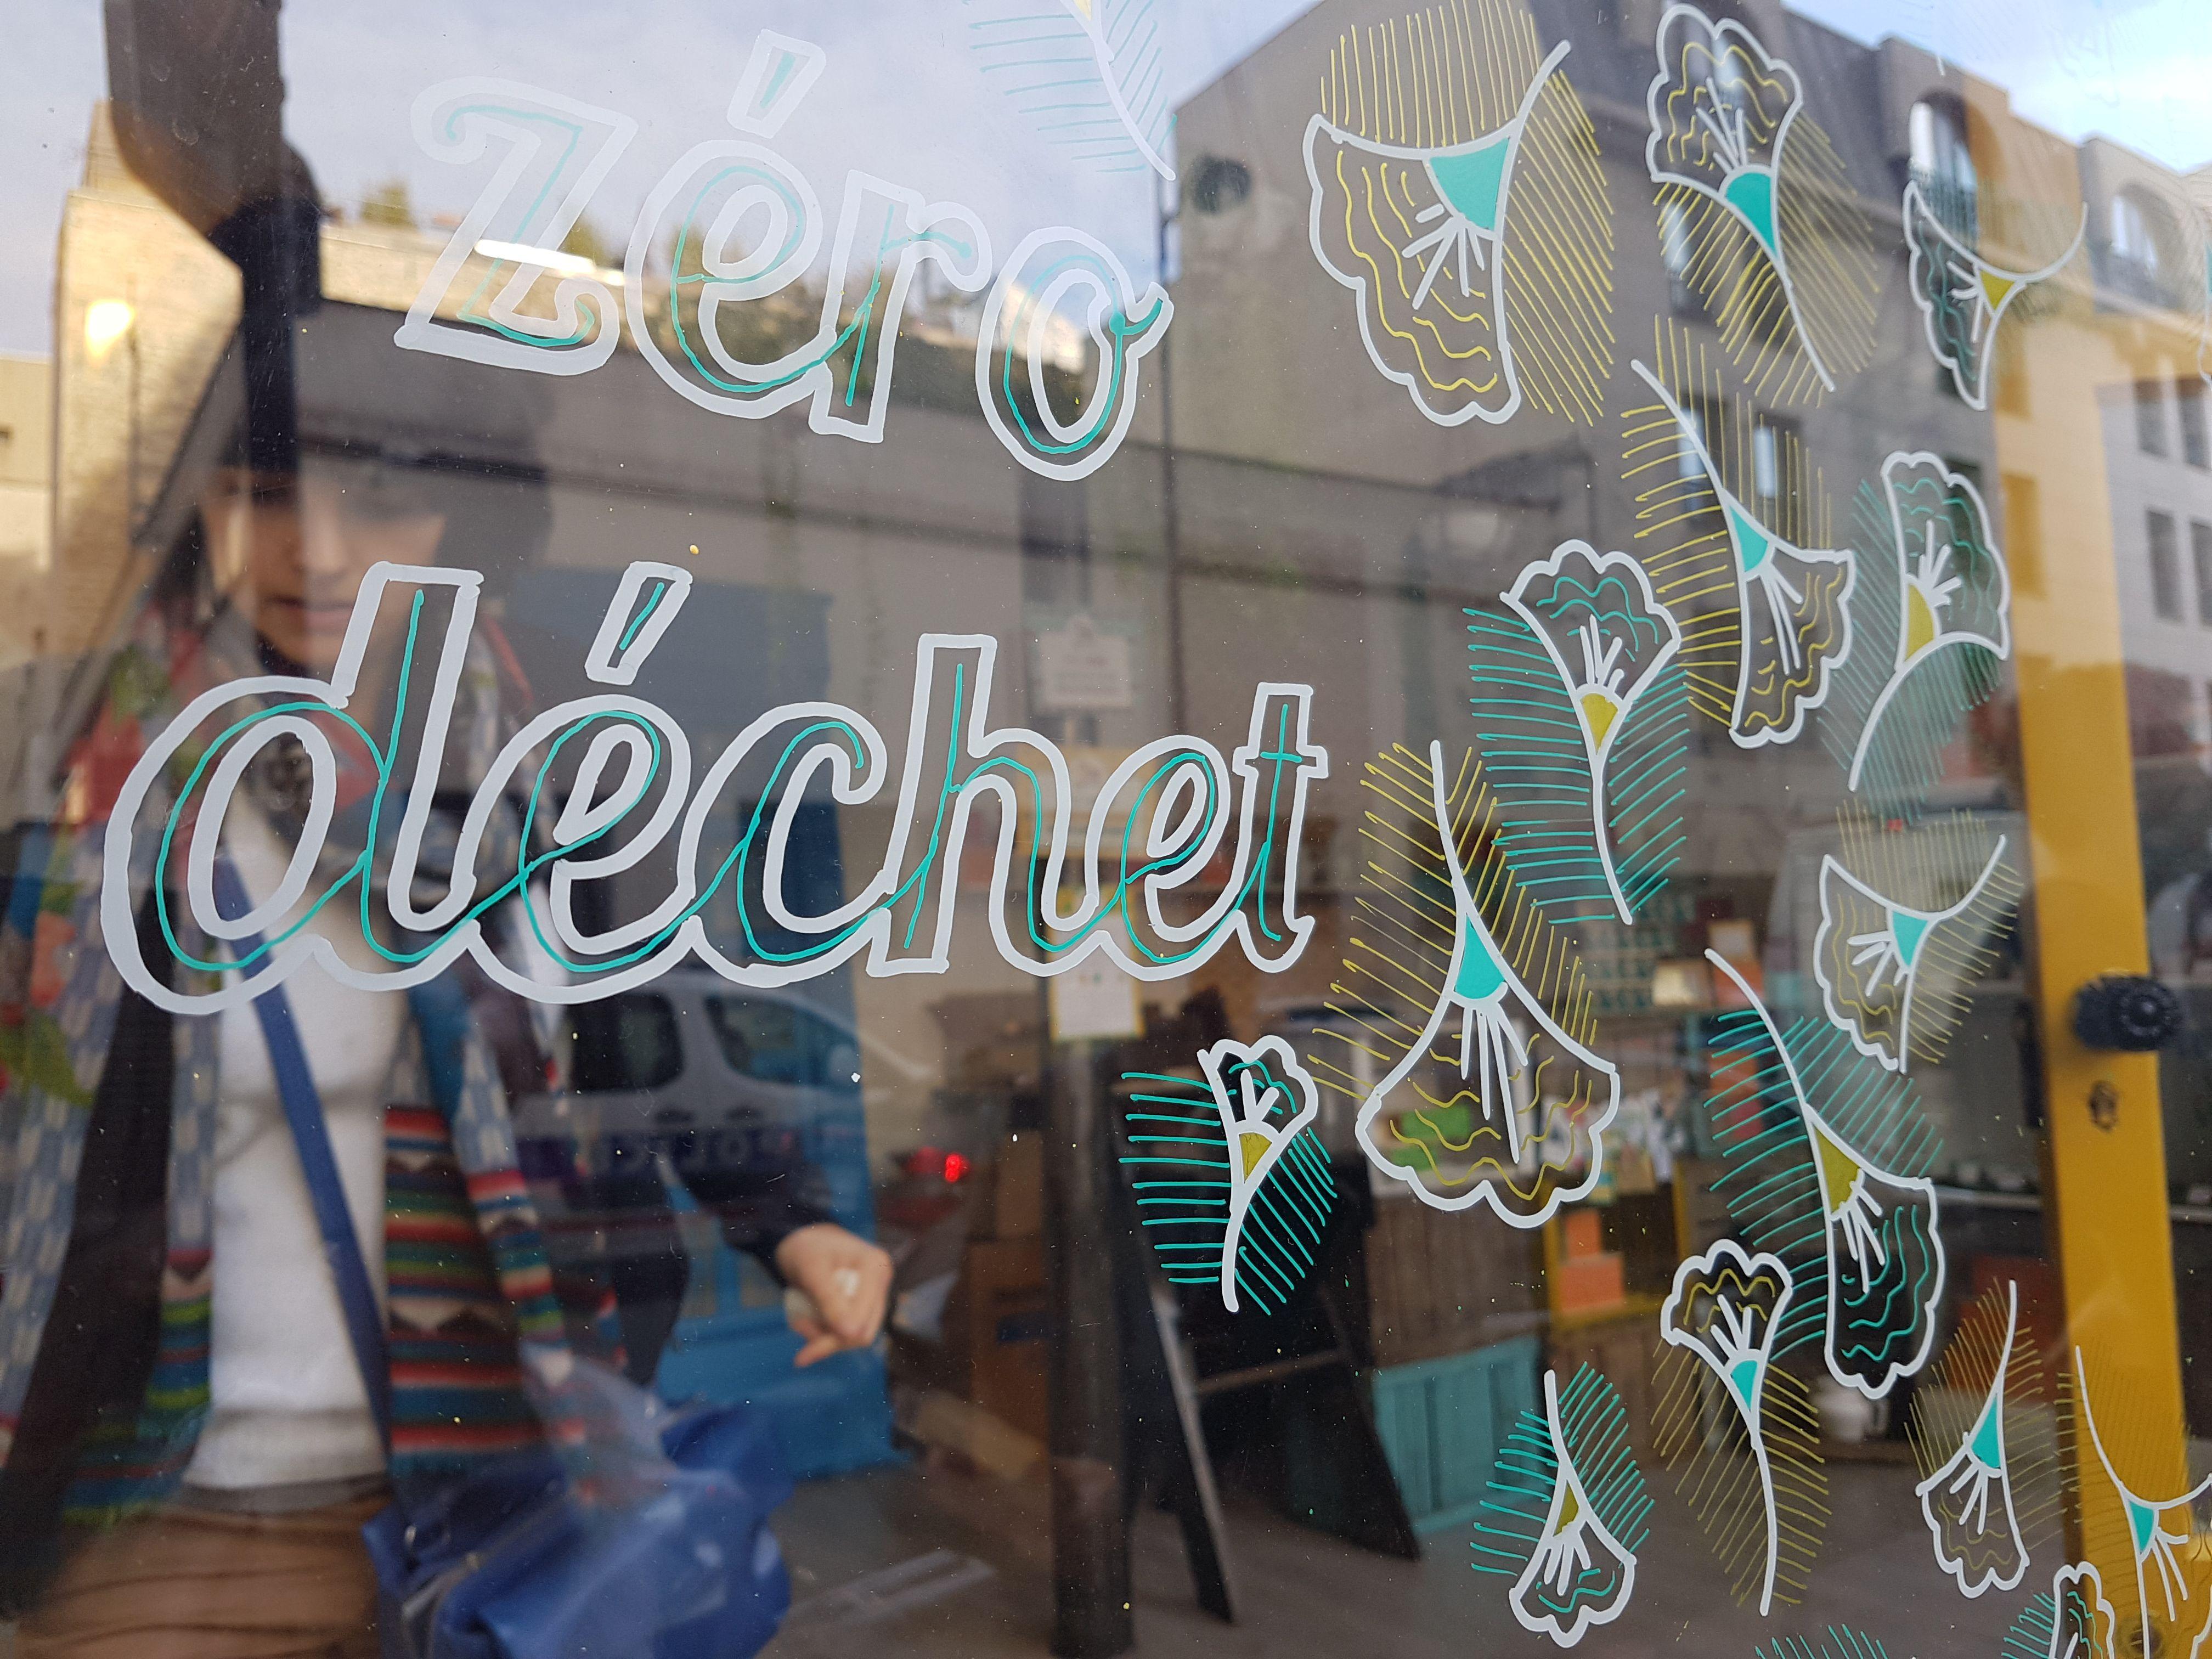 Retrouvez Nos Cosmetiques Solides Et Veganes Dans Notre Atelier Boutique A Paris Vous Pouvez Acheter Nos Deodorants Dentifric Boutique Atelier Boutique Vegan